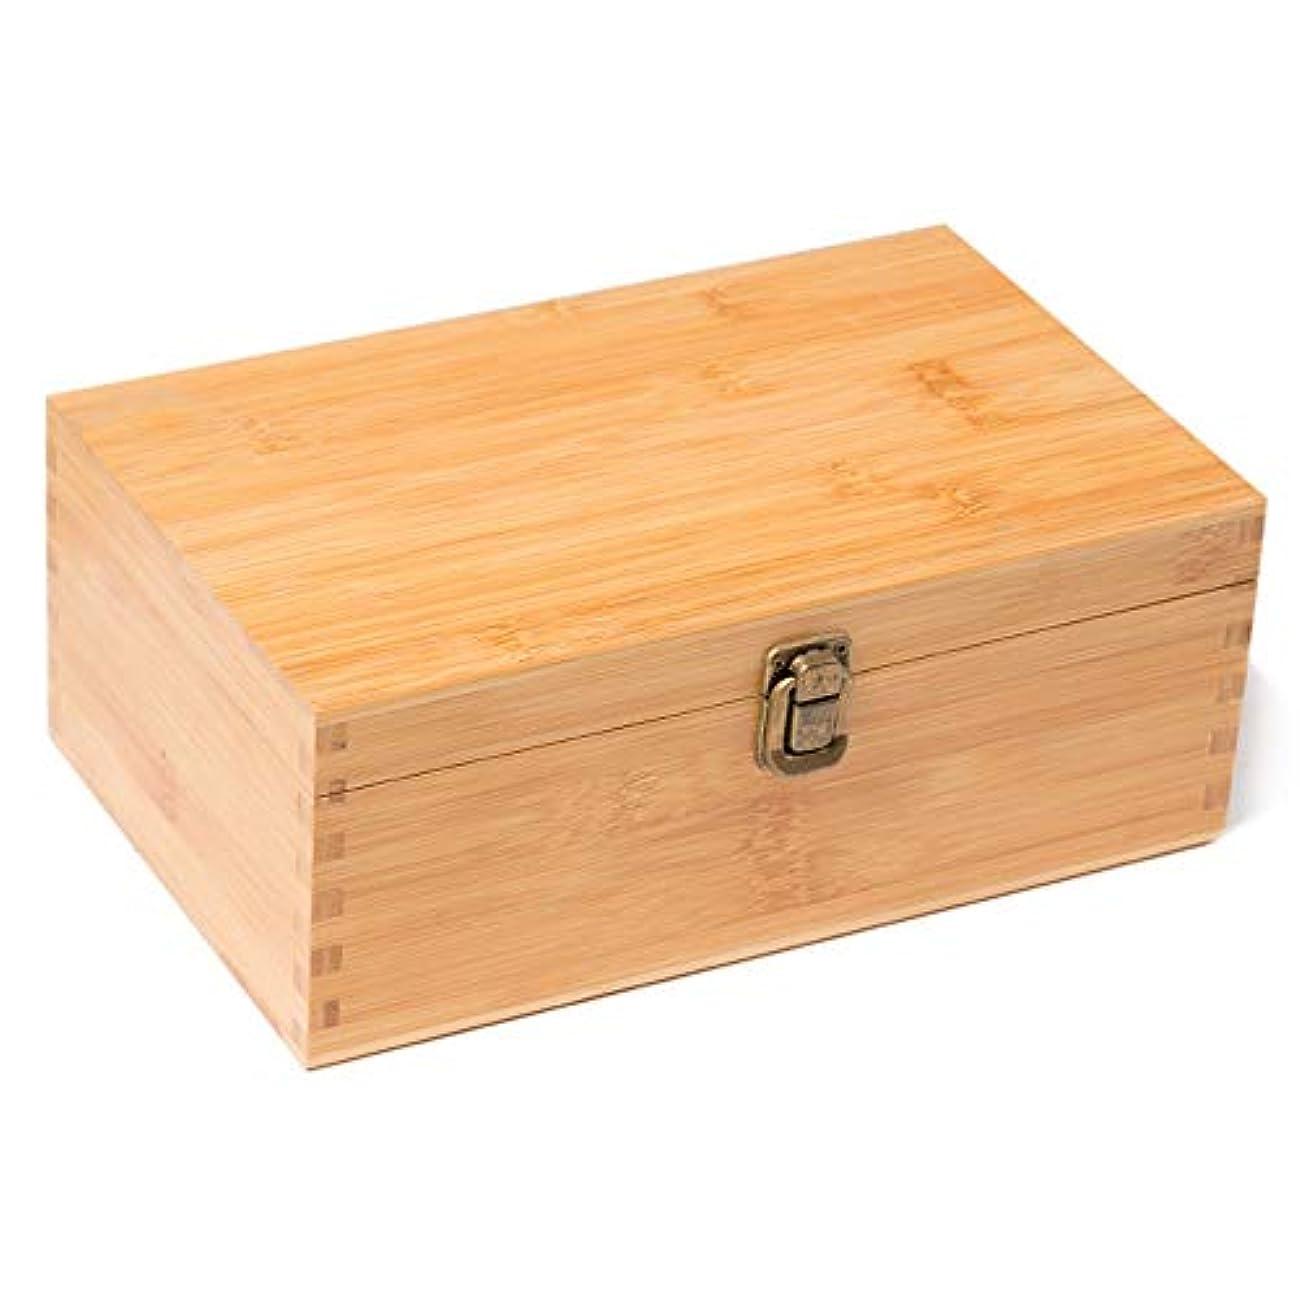 財産ドット反乱アロマセラピー収納ボックス 油のボトルを保持するために手作りの木製の精油収納ボックスの主催 エッセンシャルオイル収納ボックス (色 : Natural, サイズ : 26.5X16.5X10.5CM)